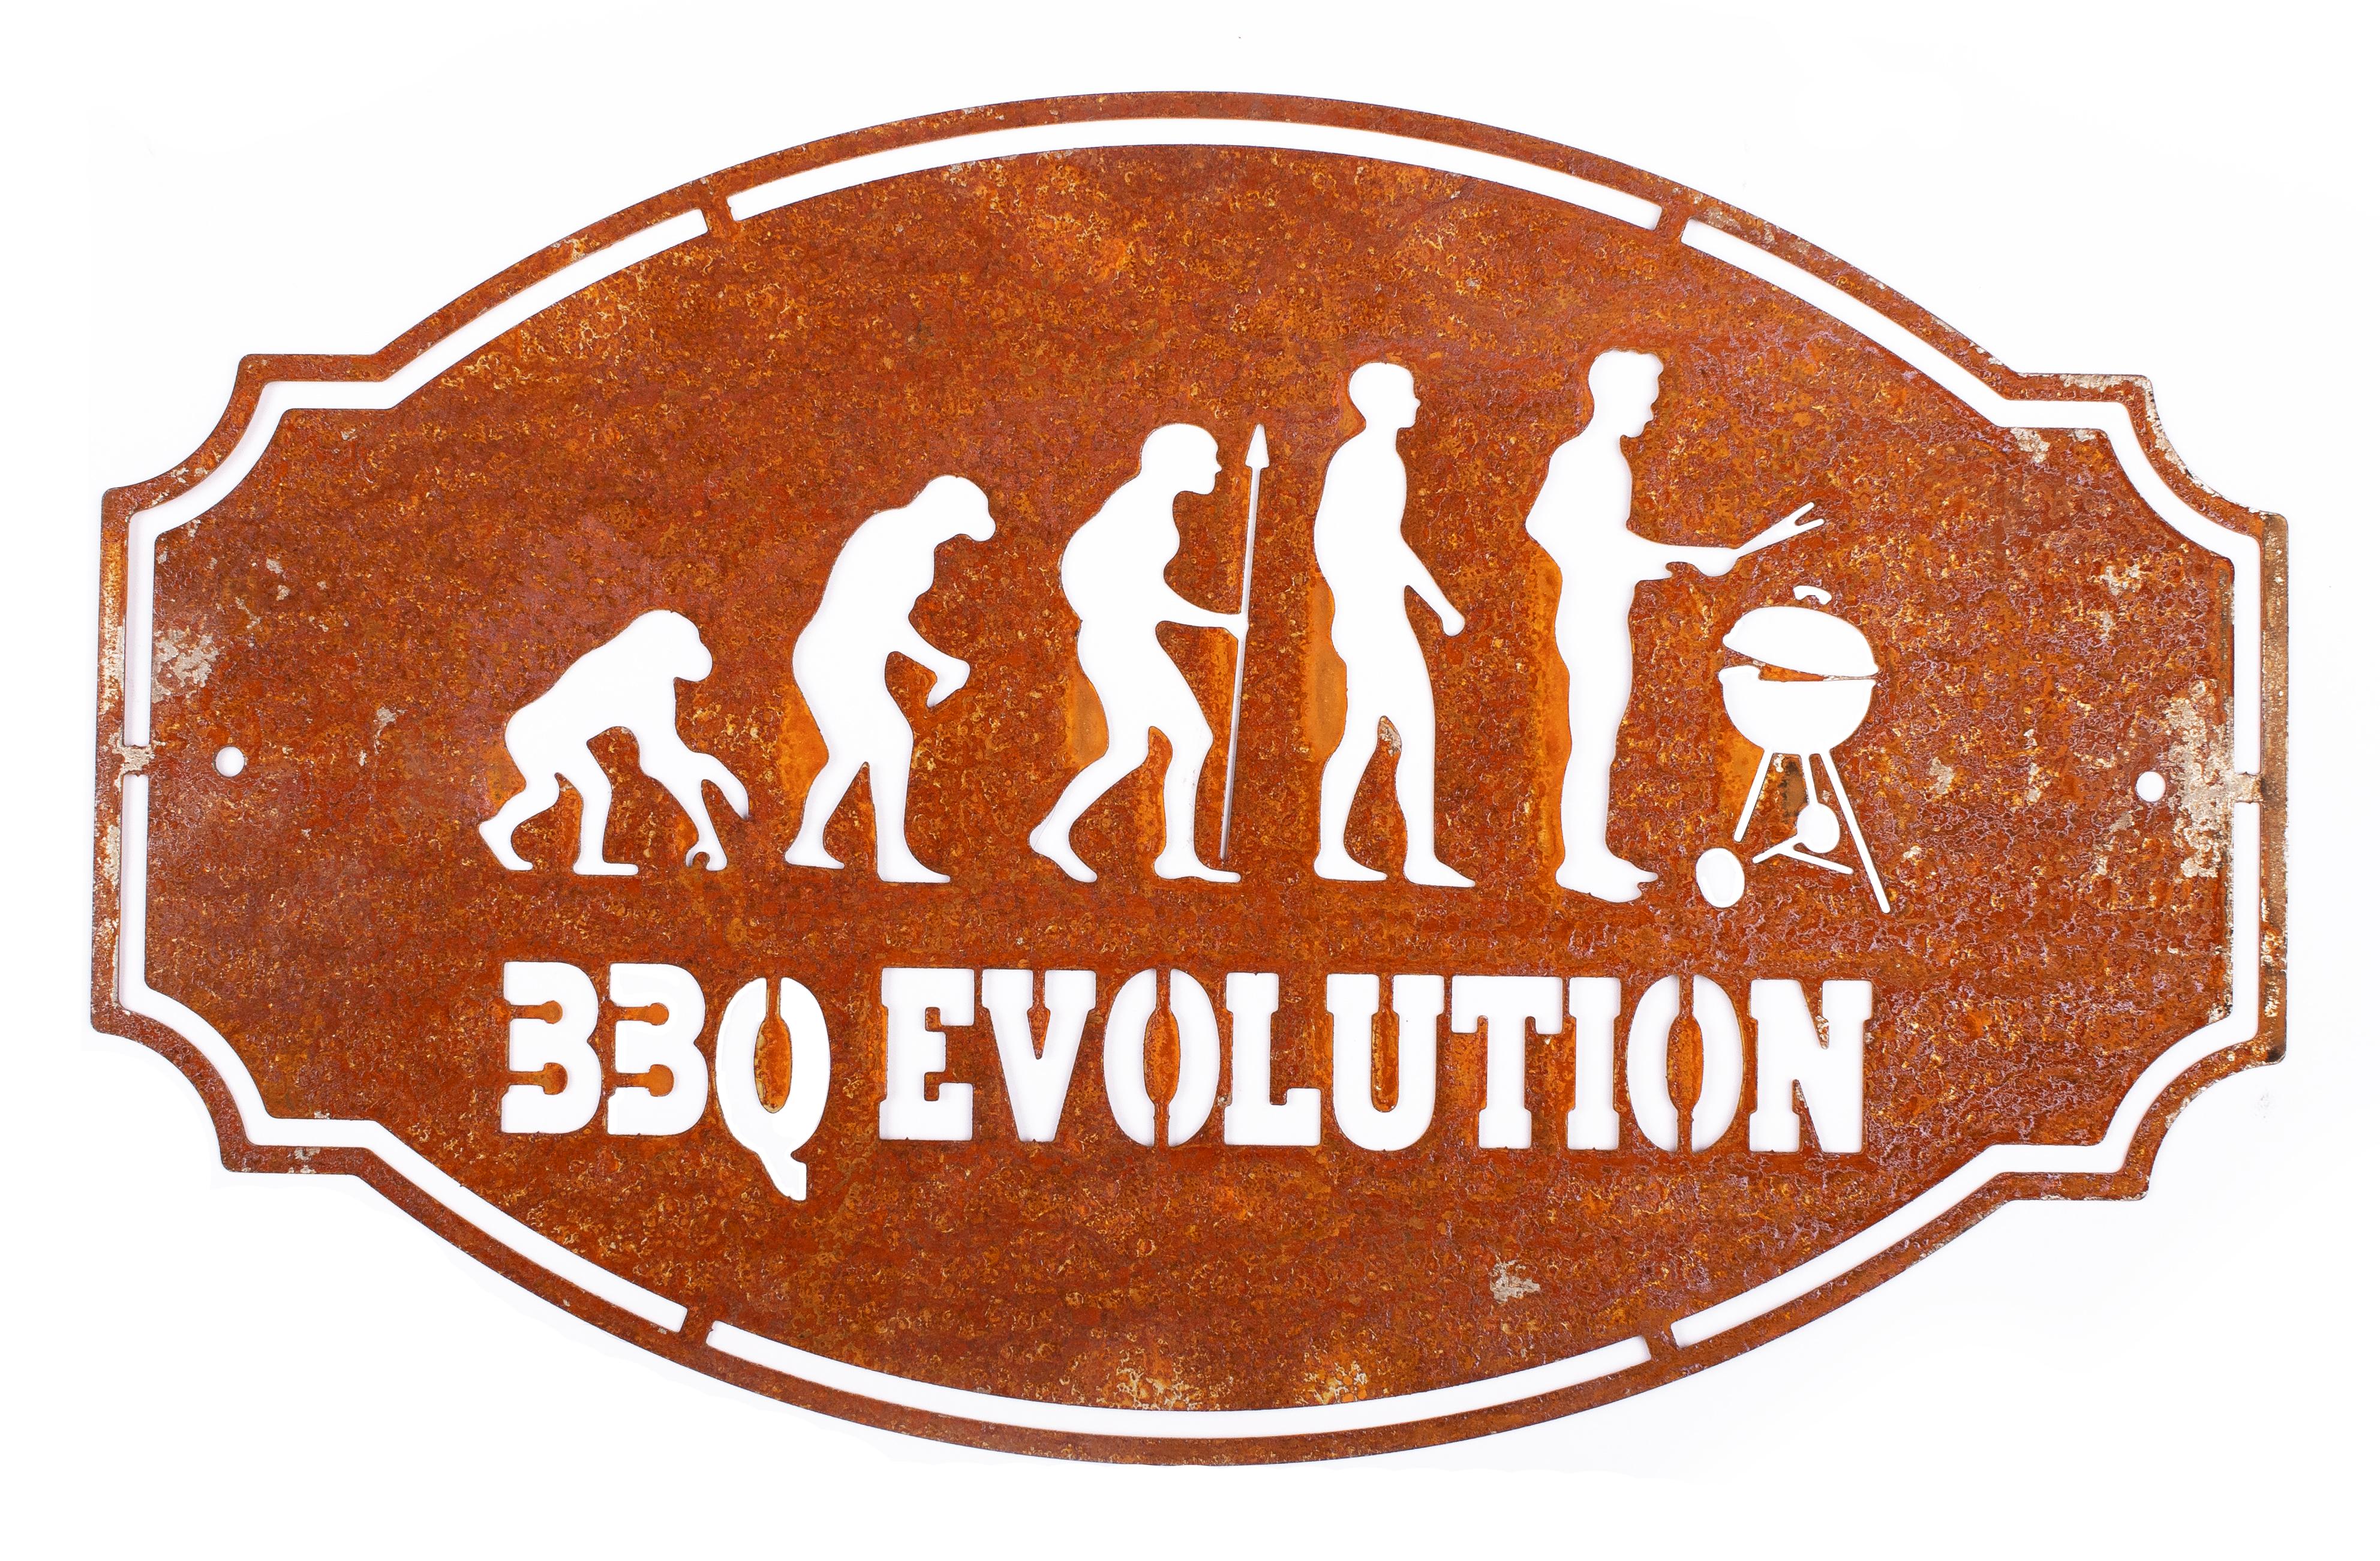 Schild BBQ Evolution in Edelrost-Optik